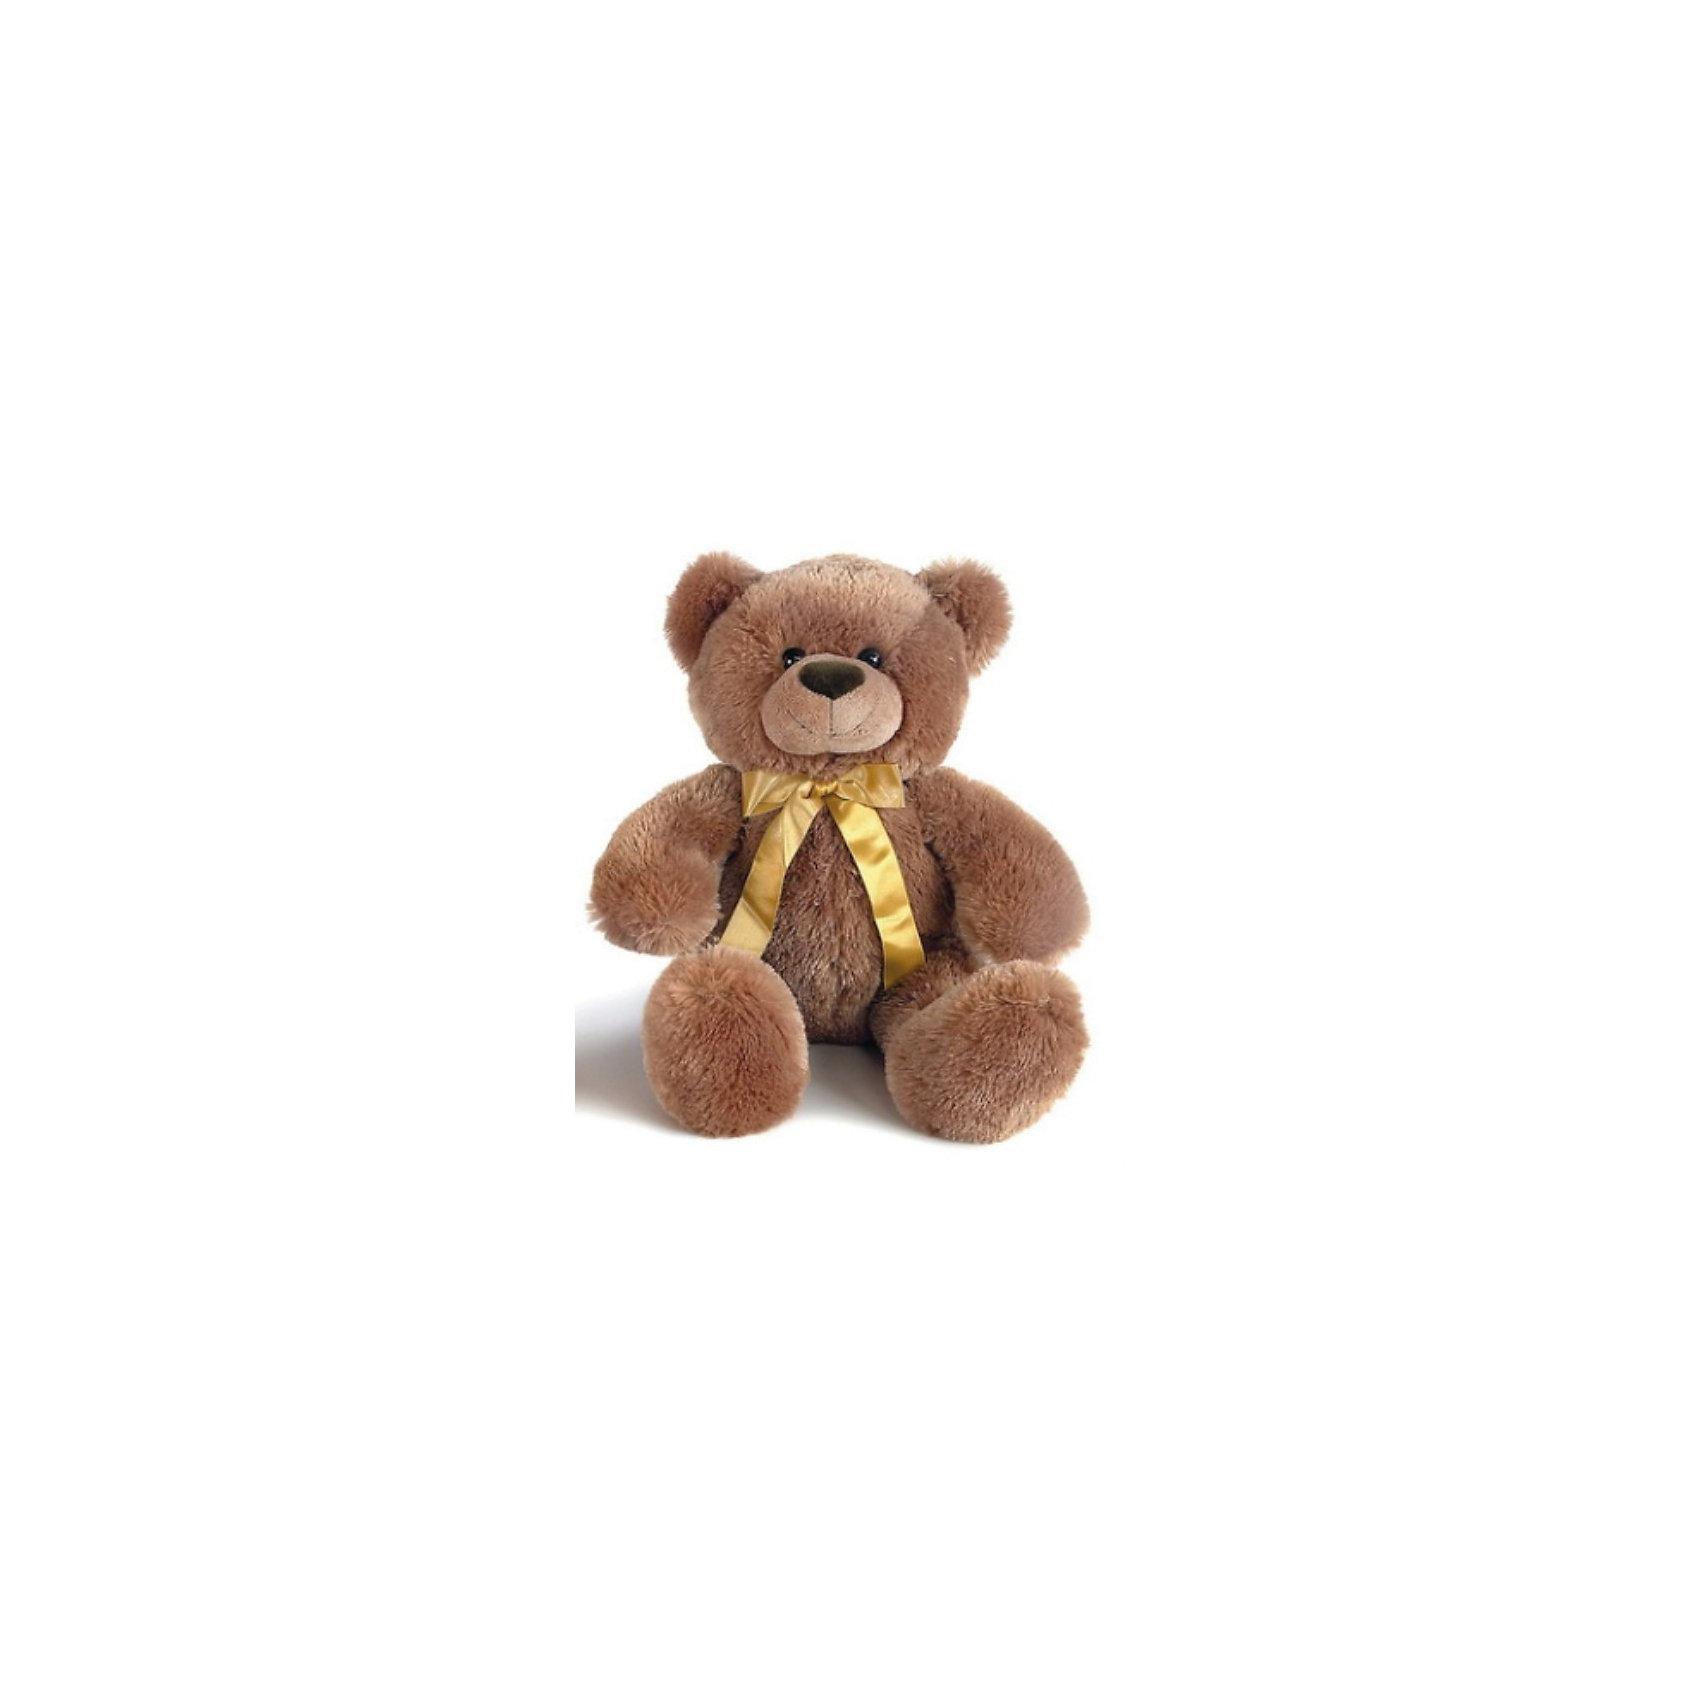 AURORA Мягкая игрушка Медведь темно-коричневый, 40 смAURORA Мягкая игрушка Медведь темно-коричневый, 40 см  - мягкий и симпатичный плюшевый медвежонок с атласным  бантиком на шее. <br><br><br>Мишка изготовлен из экологически чистых био-материалов: плюш высшего качества и гипoaллepгeнный cинтепoн. <br>Высокий уровень детализации, натуральные цвета, приятные на ощупь ткани и полное отсутсвие запахов - это отличительные черты всех без исключения игрушек Аврора. <br><br>Дополнительная информация:<br><br>- Игрушка пригодна для машинной стирки, не теряет при этом внешний вид.<br>- Материалы: плюш и гипoaллepгeнный cинтепoн.<br>- Высота - 40 см.<br><br>Этот красивый плюшевый медведь от Aurora обязательно понравится вашему ребенку, и станет ему отличным другом и компаньоном в играх! Как дети, так и взрослые в восторге от смешных плюшевых медвежат!<br><br>Ширина мм: 400<br>Глубина мм: 290<br>Высота мм: 170<br>Вес г: 581<br>Возраст от месяцев: 24<br>Возраст до месяцев: 120<br>Пол: Унисекс<br>Возраст: Детский<br>SKU: 2147585